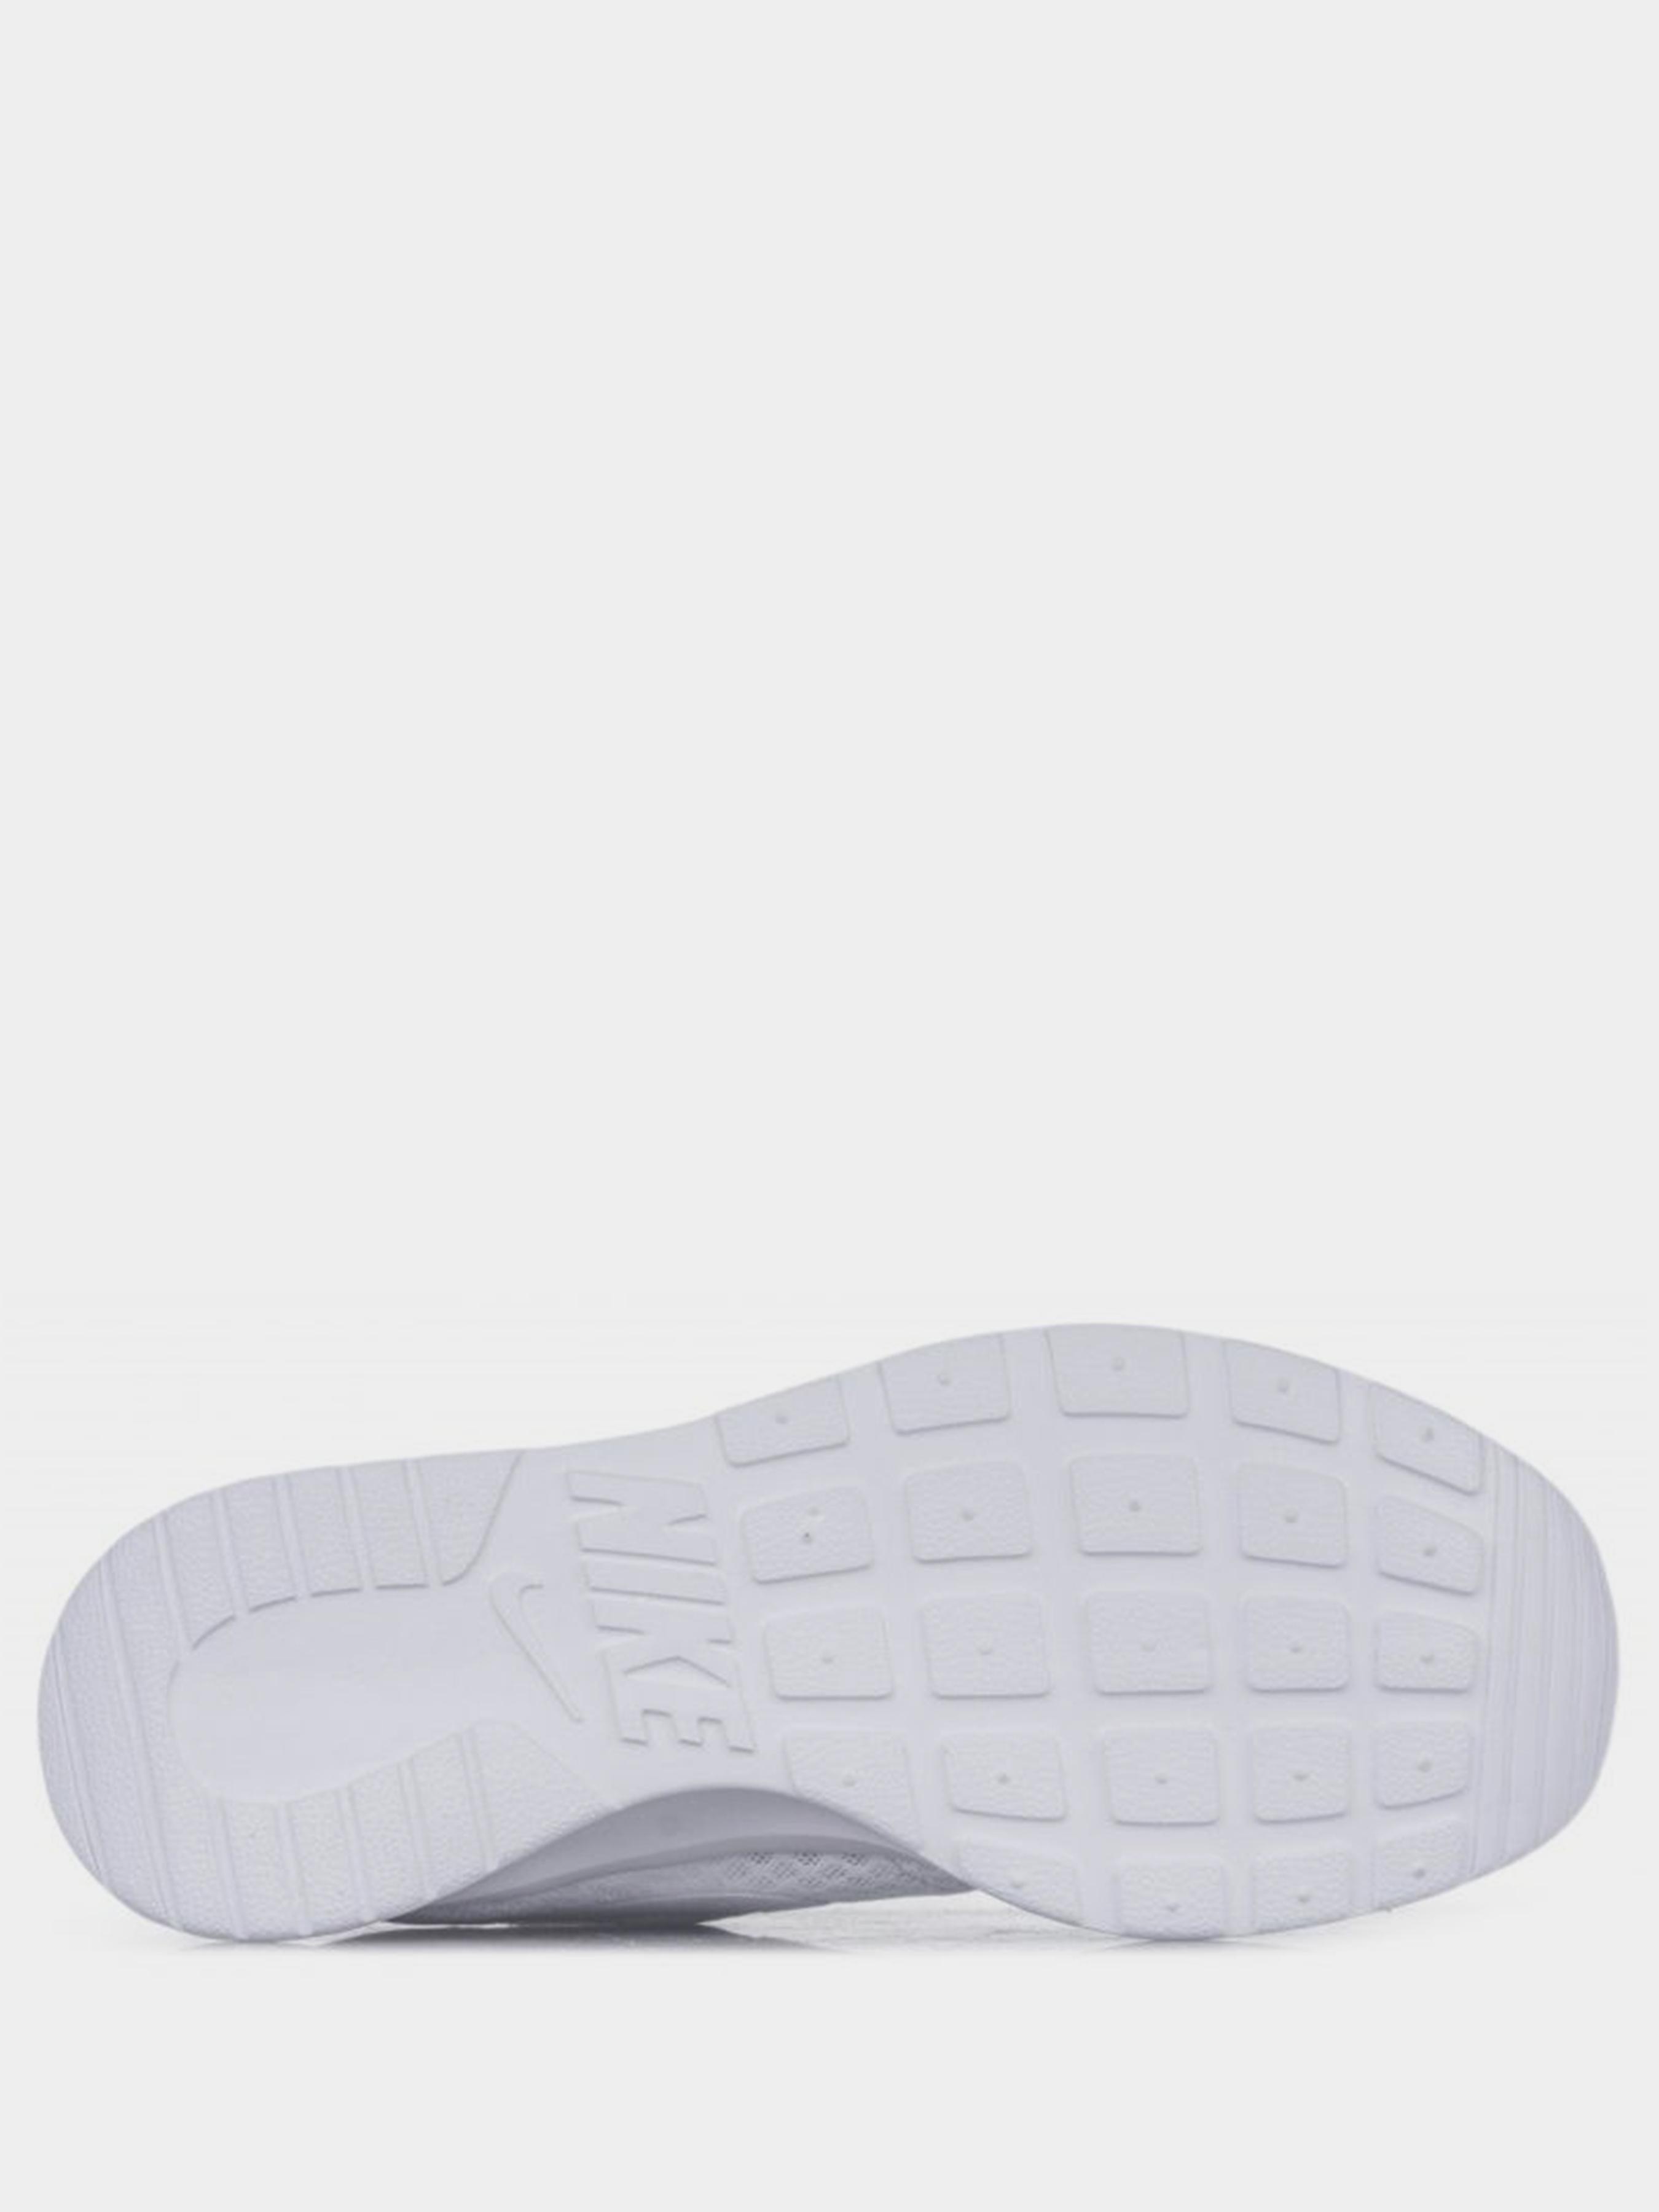 Кроссовки для женщин NIKE Tanjun CF149 , 2017